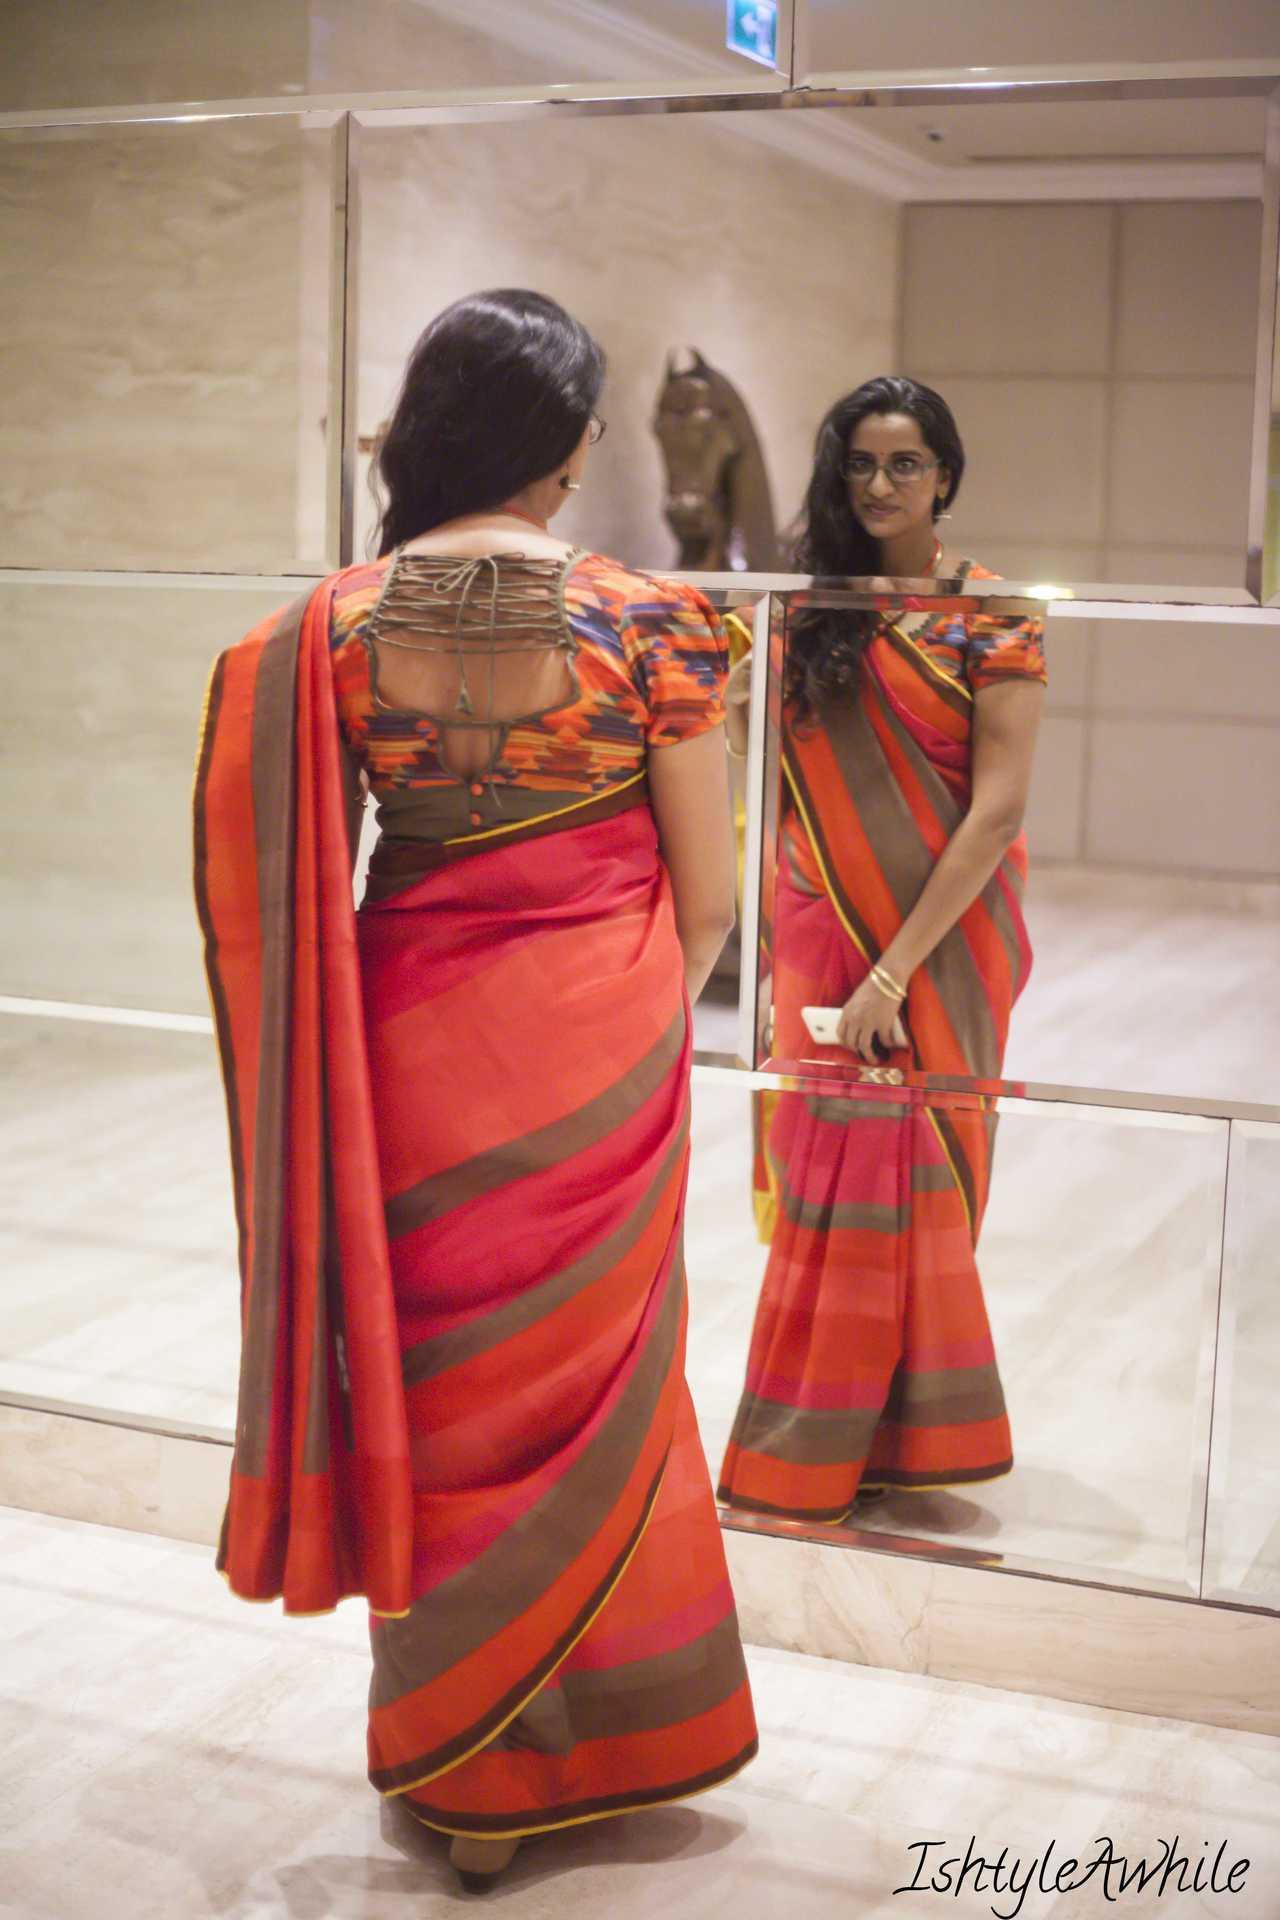 IshtyleAwhile - 100 saree pact